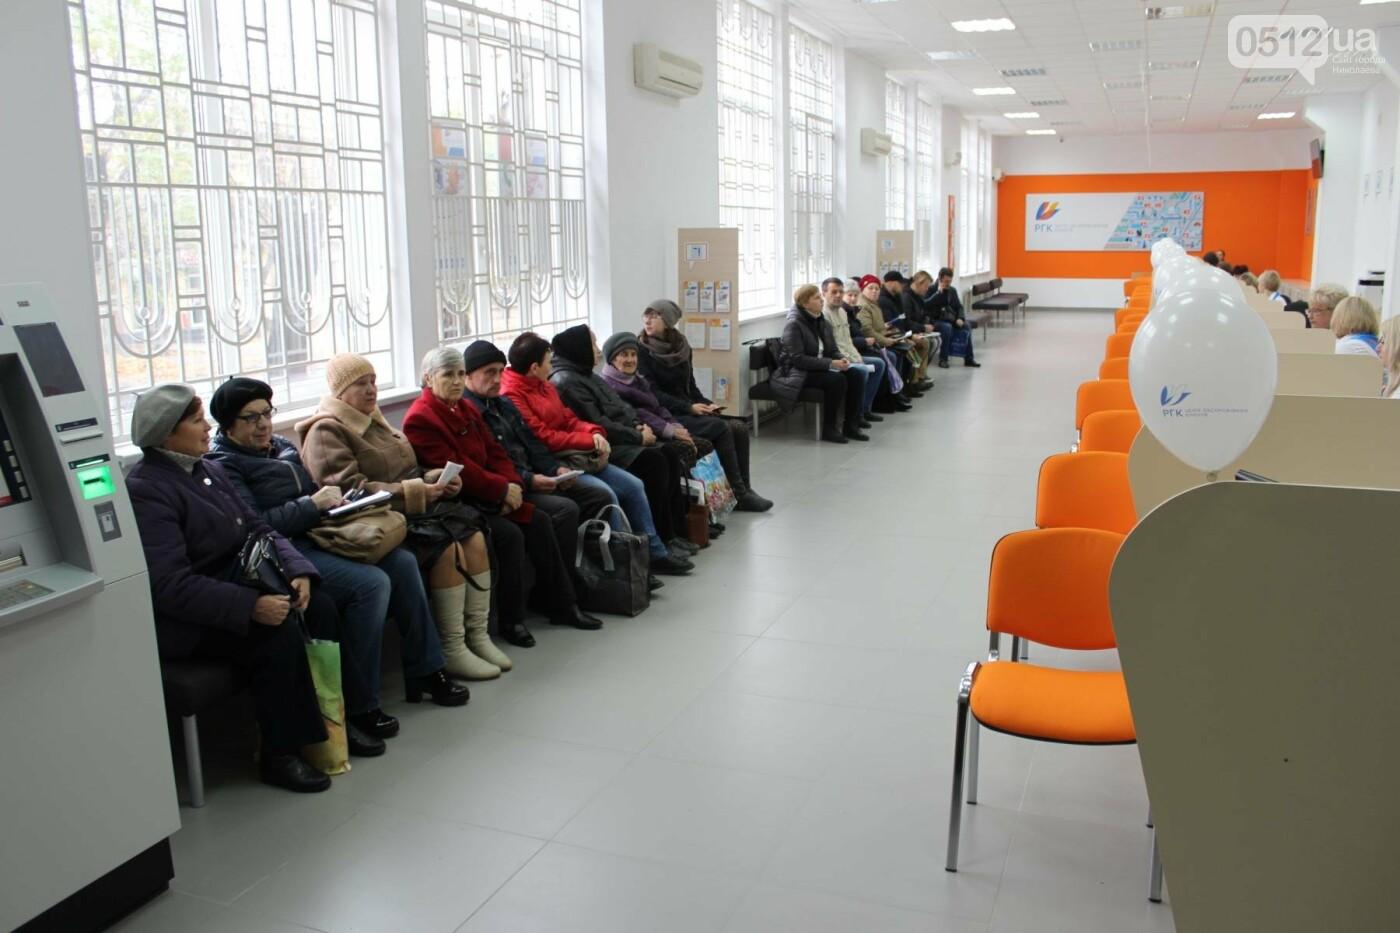 """""""Все услуги в одном месте"""": Николаевгаз открыл новый абонентский центр, - ФОТО, фото-6"""